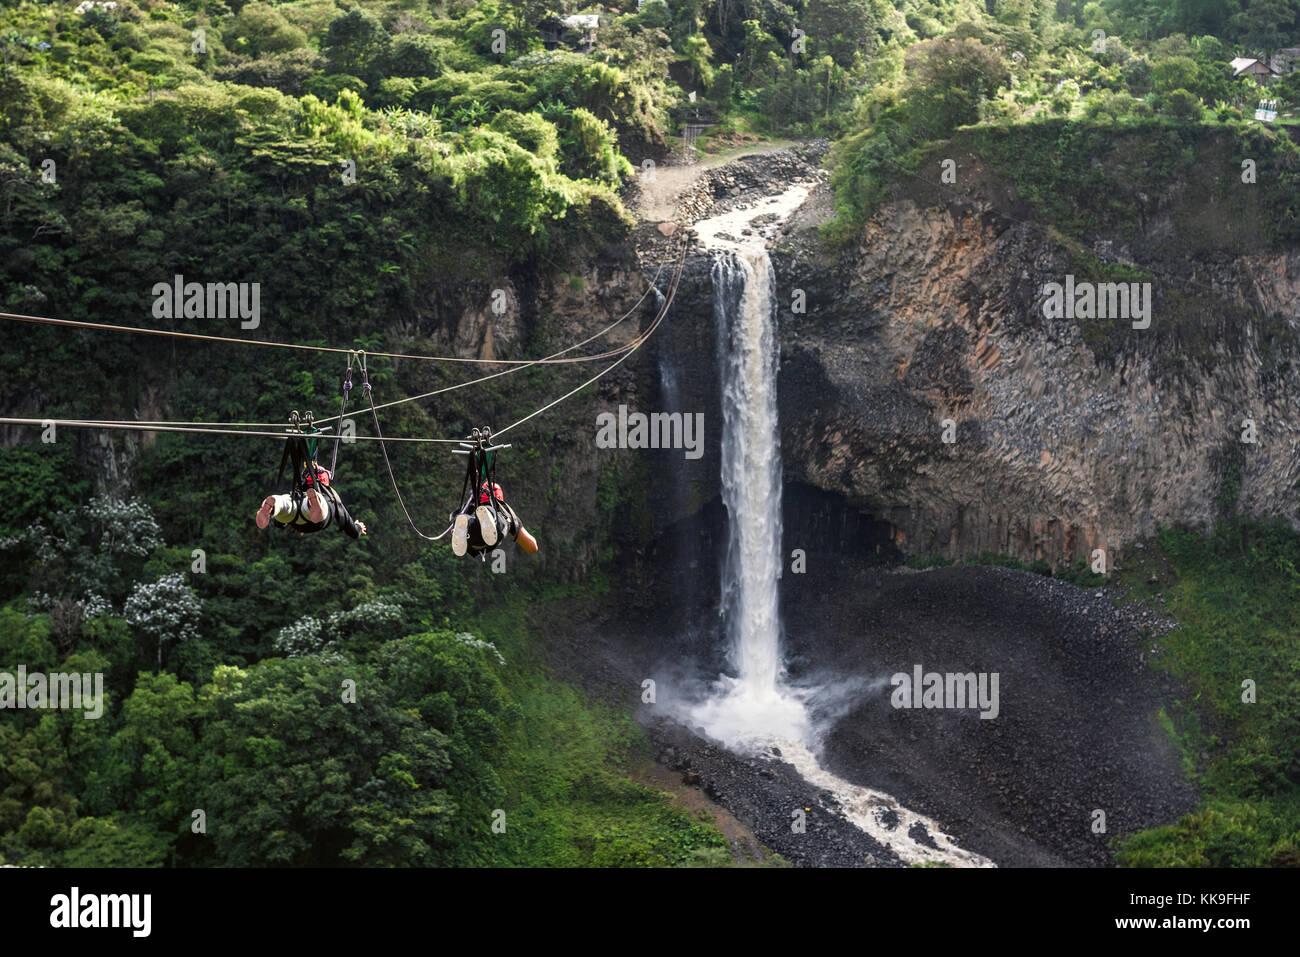 Les touristes glisse sur le voyage zip line contre Bridal Veil (manto de la novia), Cascade en cascades itinéraire, Photo Stock